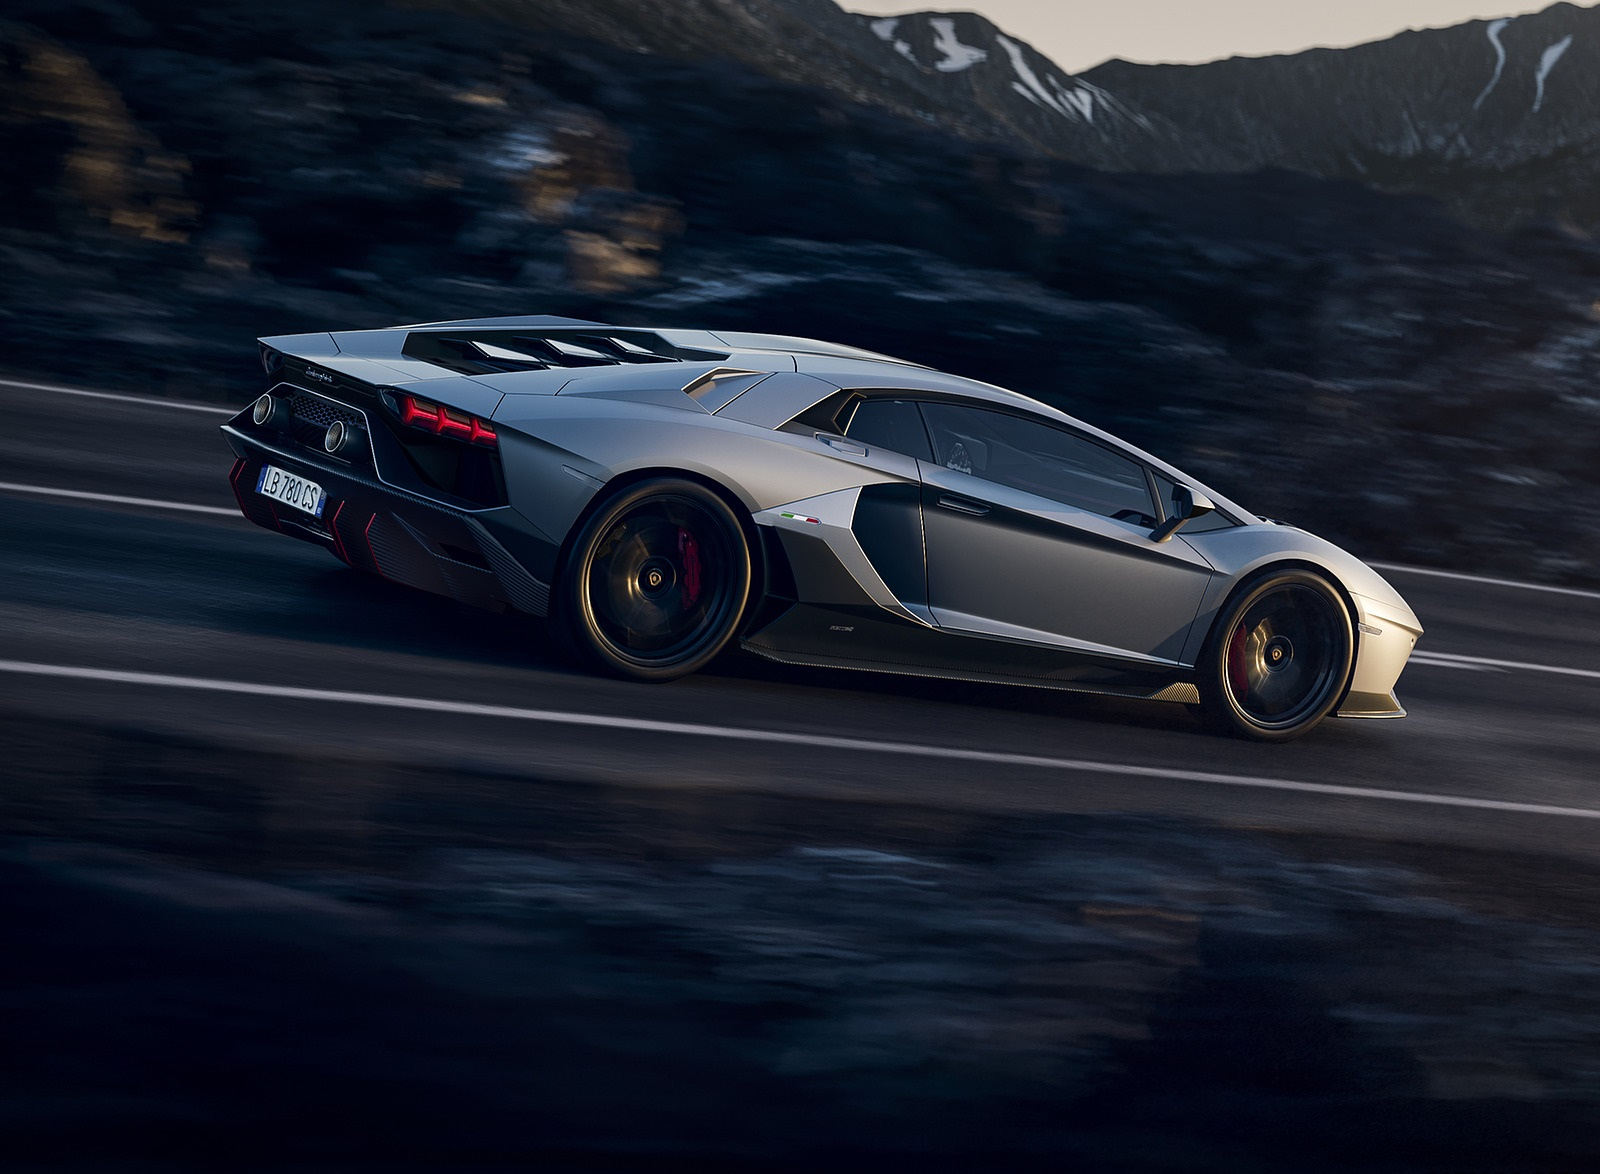 2022 Lamborghini Aventador LP 780-4 Ultimae Side Wallpapers (7)